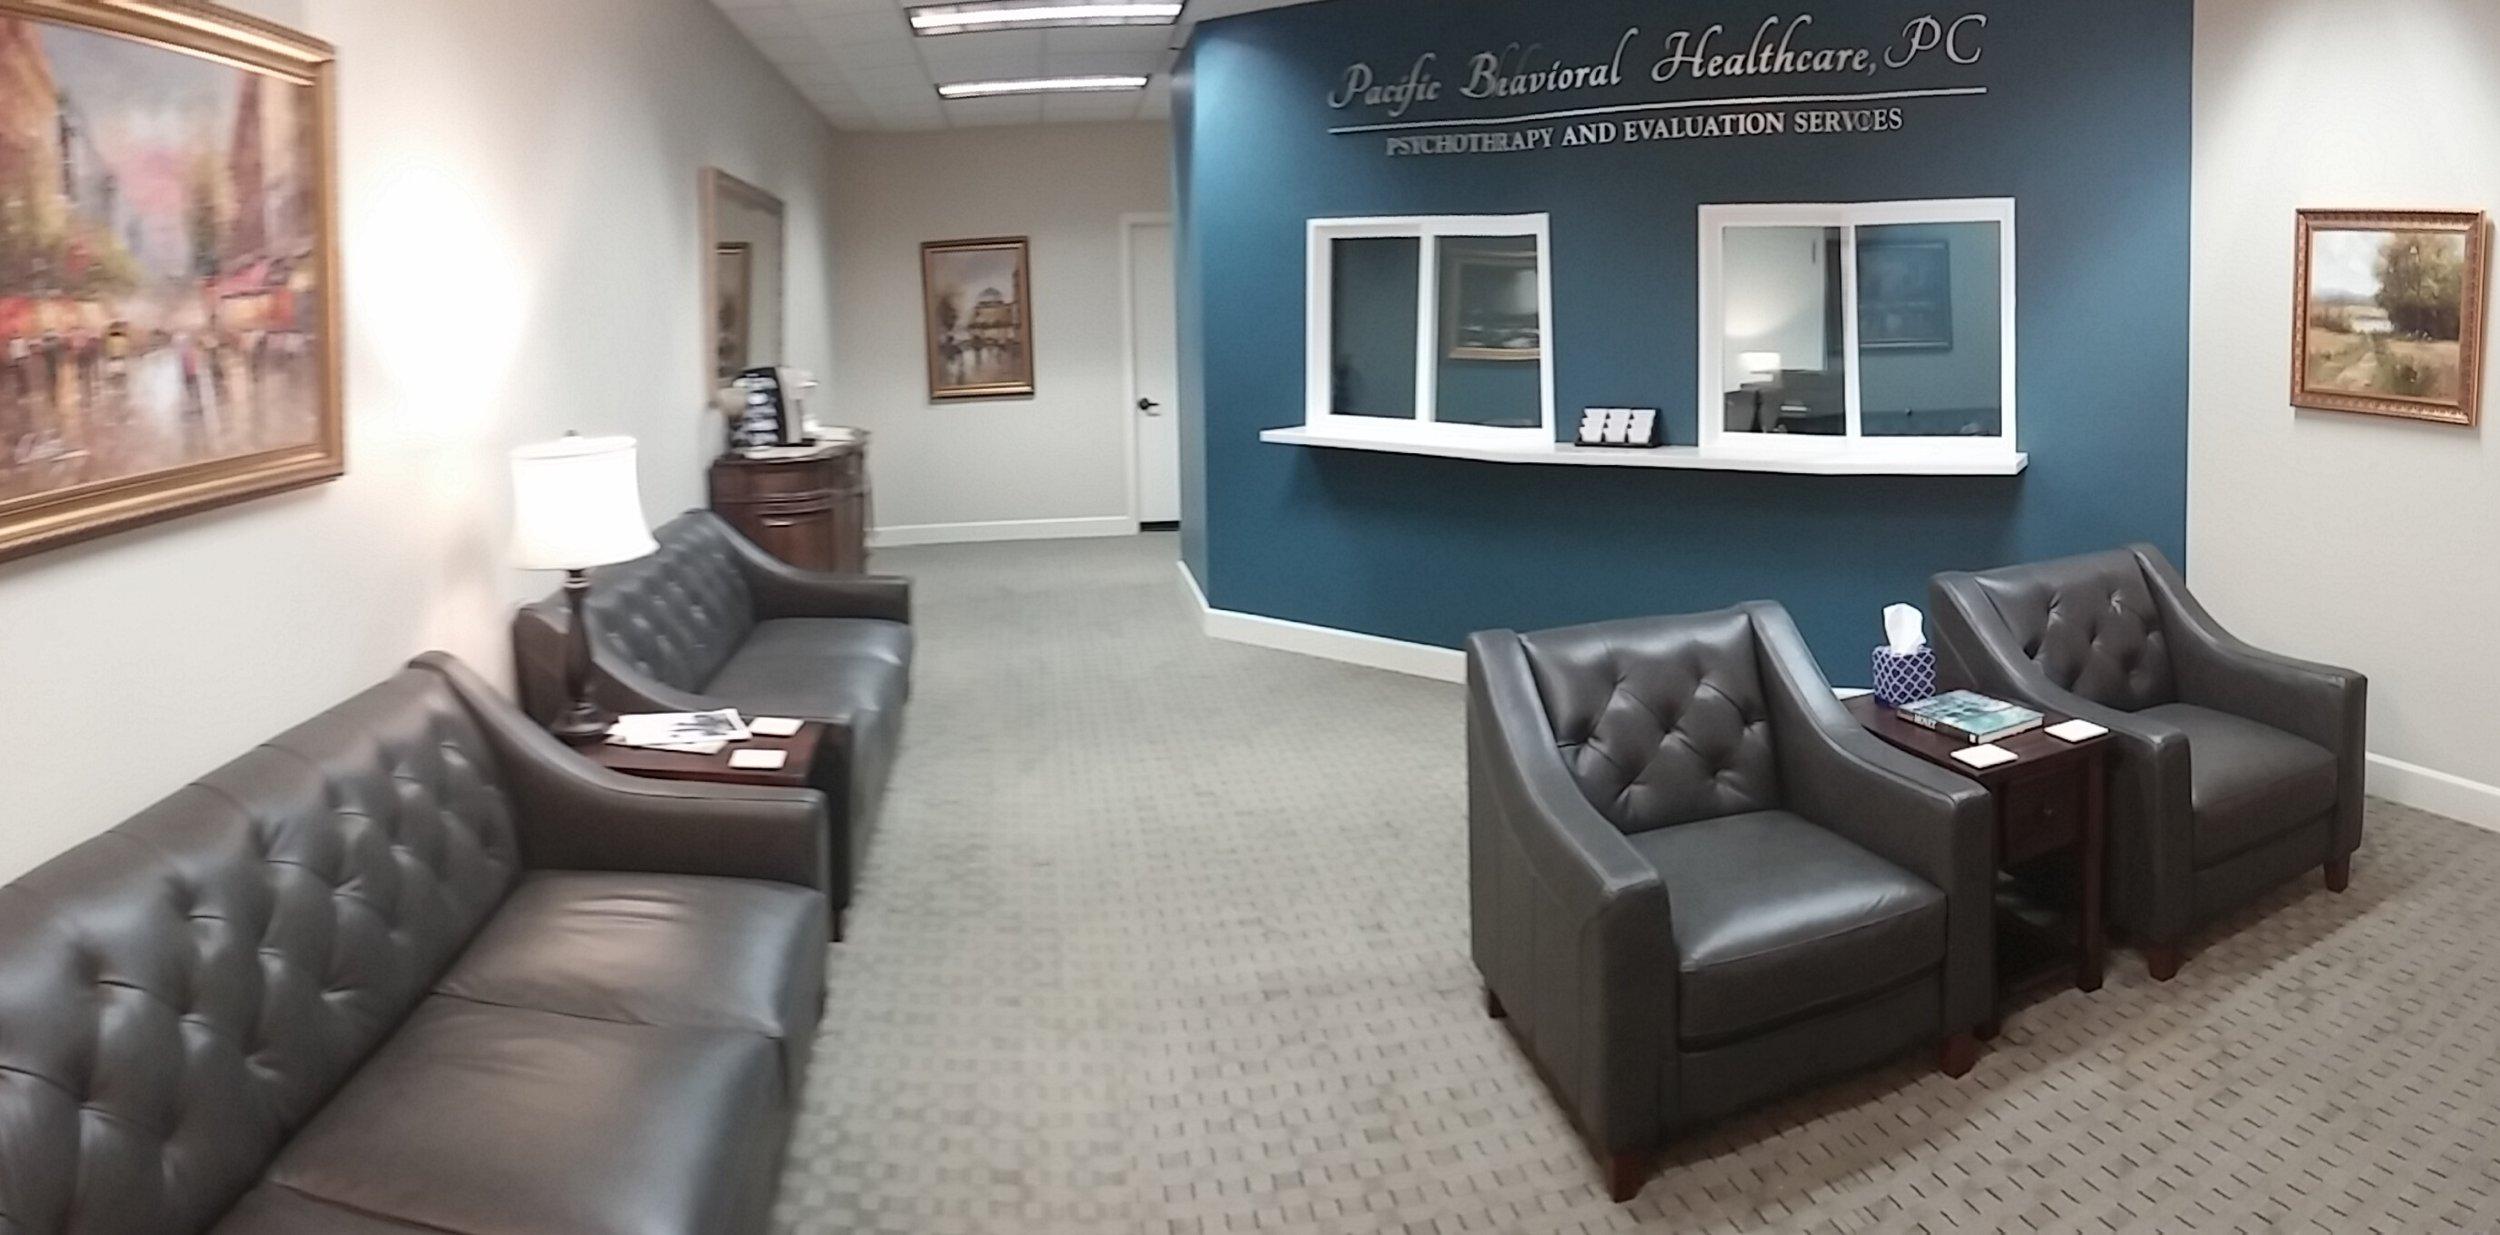 20150326_080444_Pano_PBH waiting room.jpg